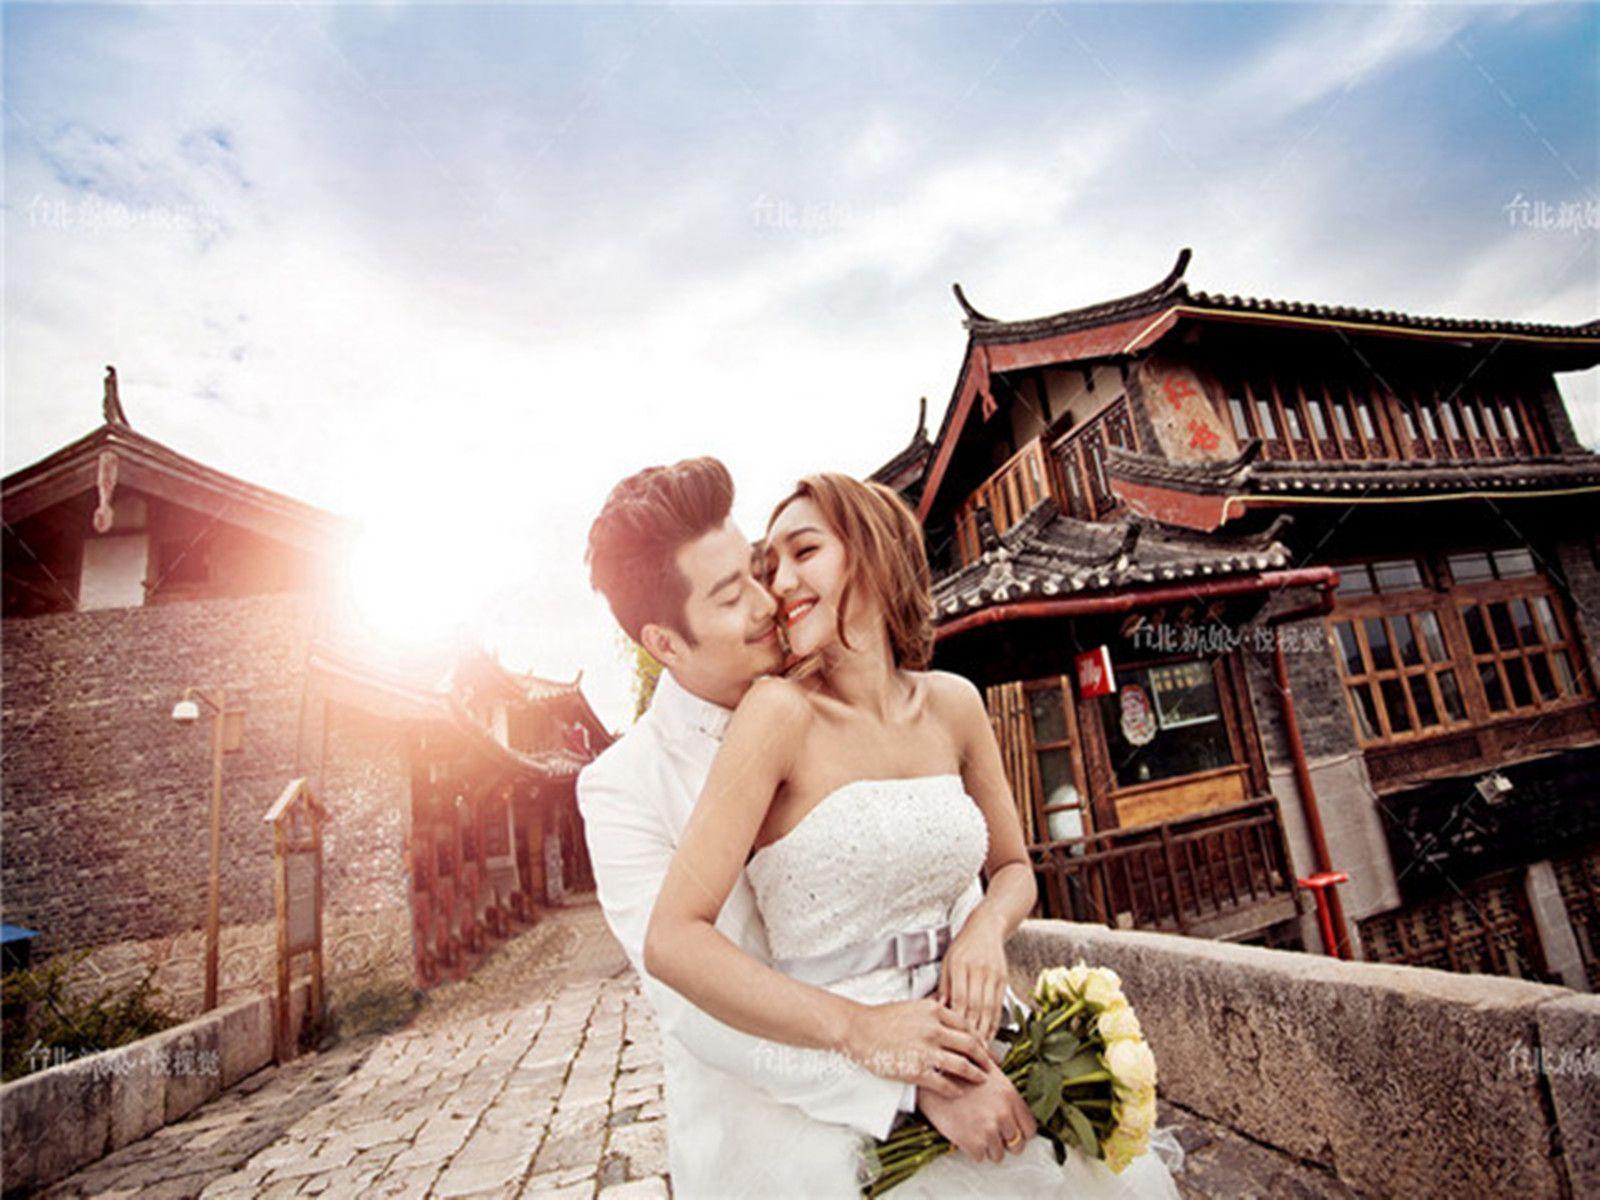 台北新娘新派婚纱摄影